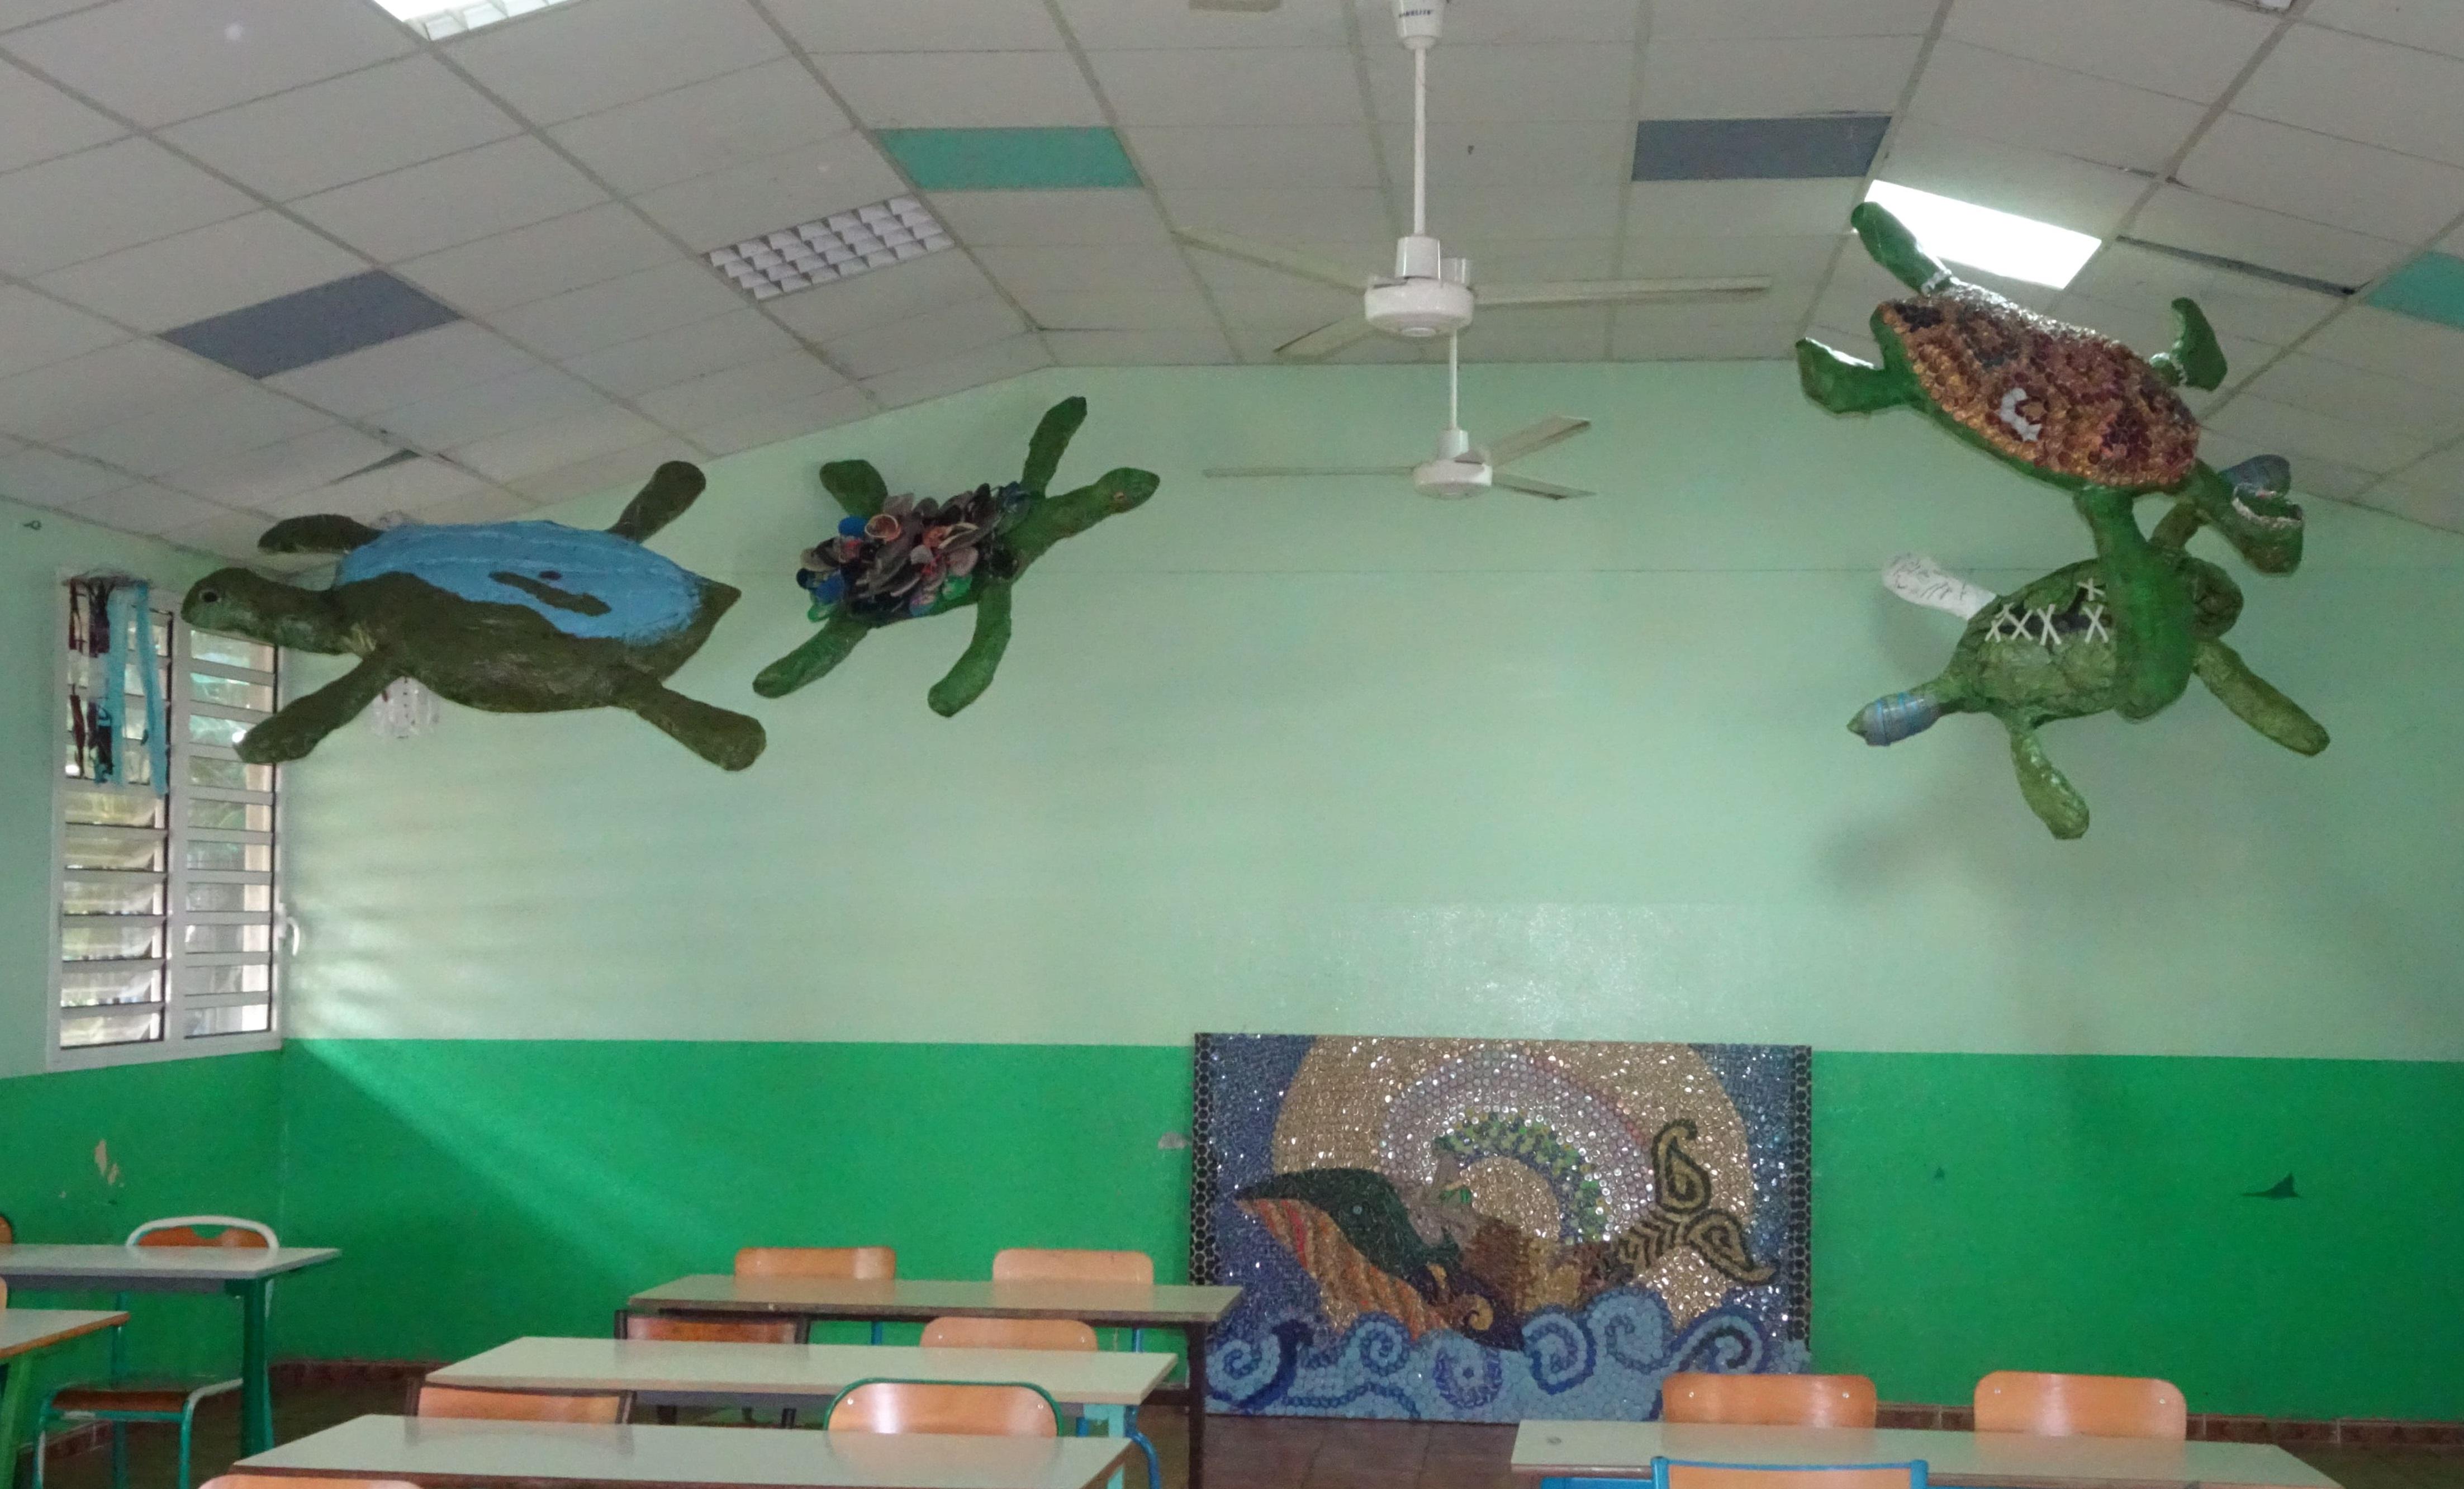 création de 4 sculptures (matériaux recyclés) de tortues évoquant les dangers qu'elles encourent